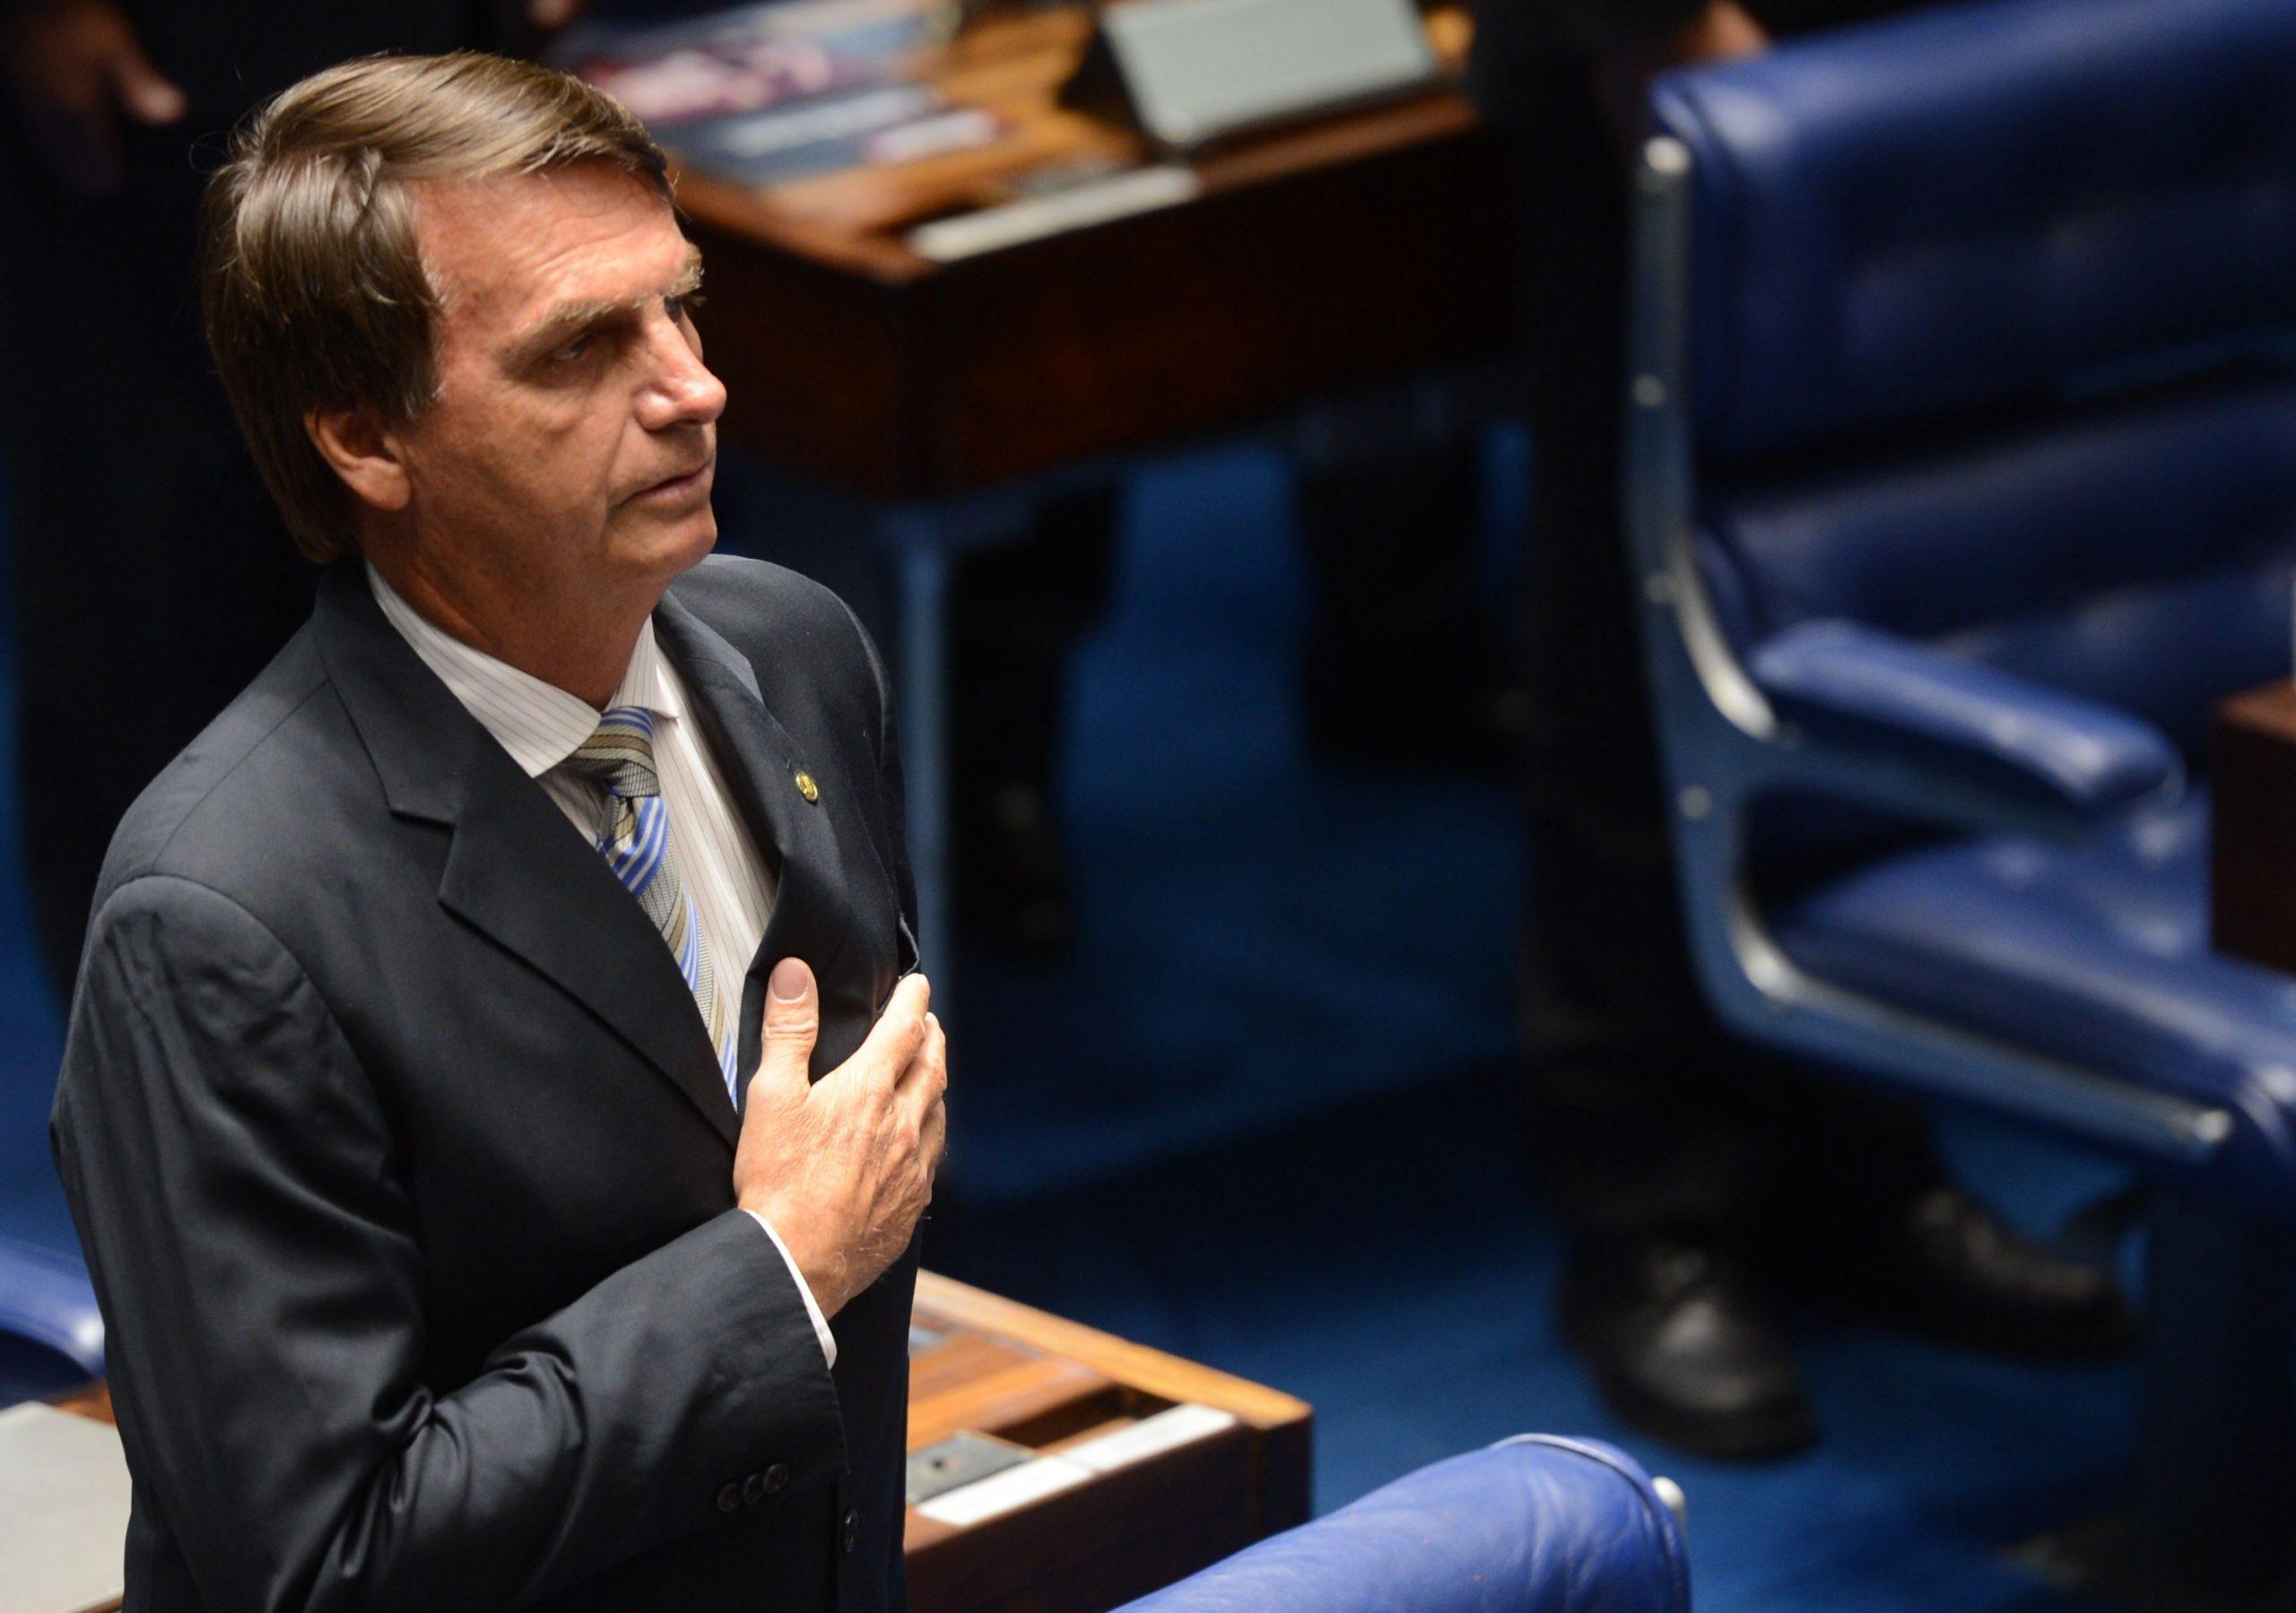 Brésil : une enquête pour des accusations d'ingérence judiciaire sur le président